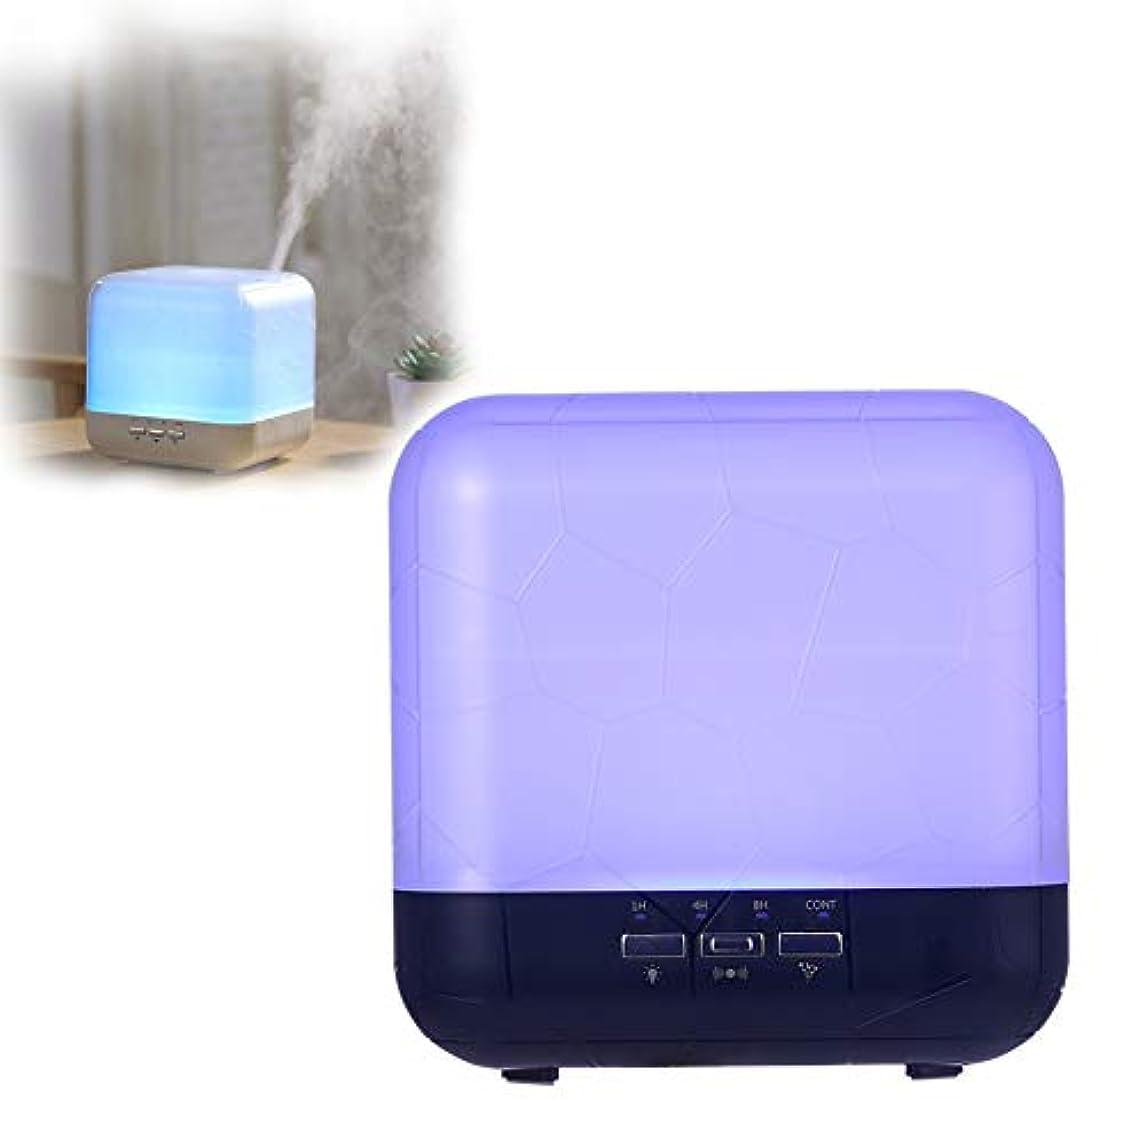 スタンドペッカディロ亜熱帯エッセンシャルオイルディフューザー、1000mlアロマテラピーアロマディフューザー、寝室用アクセサリーのための7色LEDナイトライト、4種類のタイマークールミスト加湿器,Black